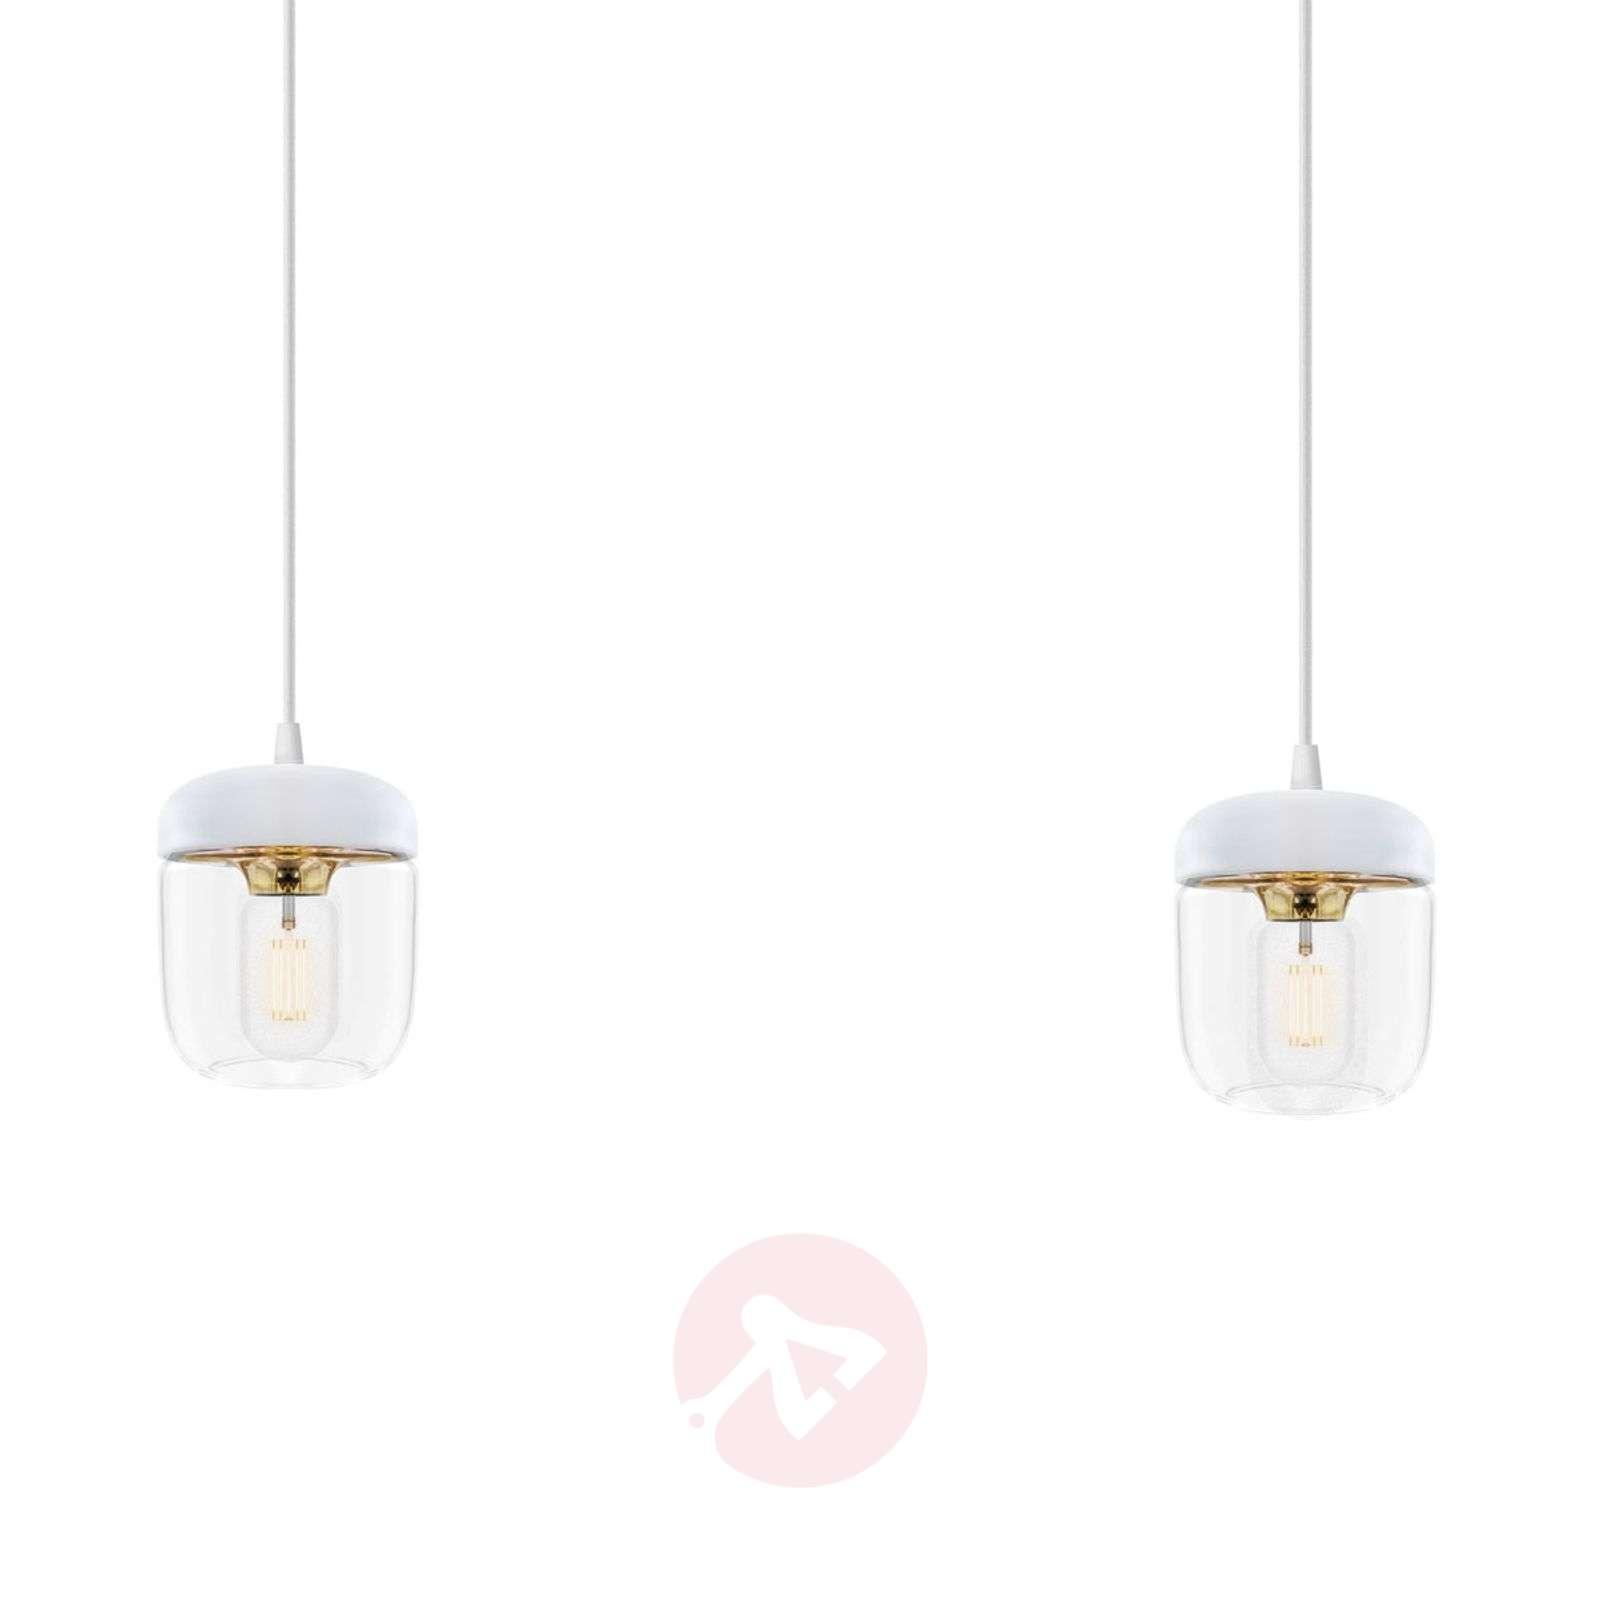 Valkoista ja messinkiä – riippuvalaisin Acorn 2-os-9521085-01